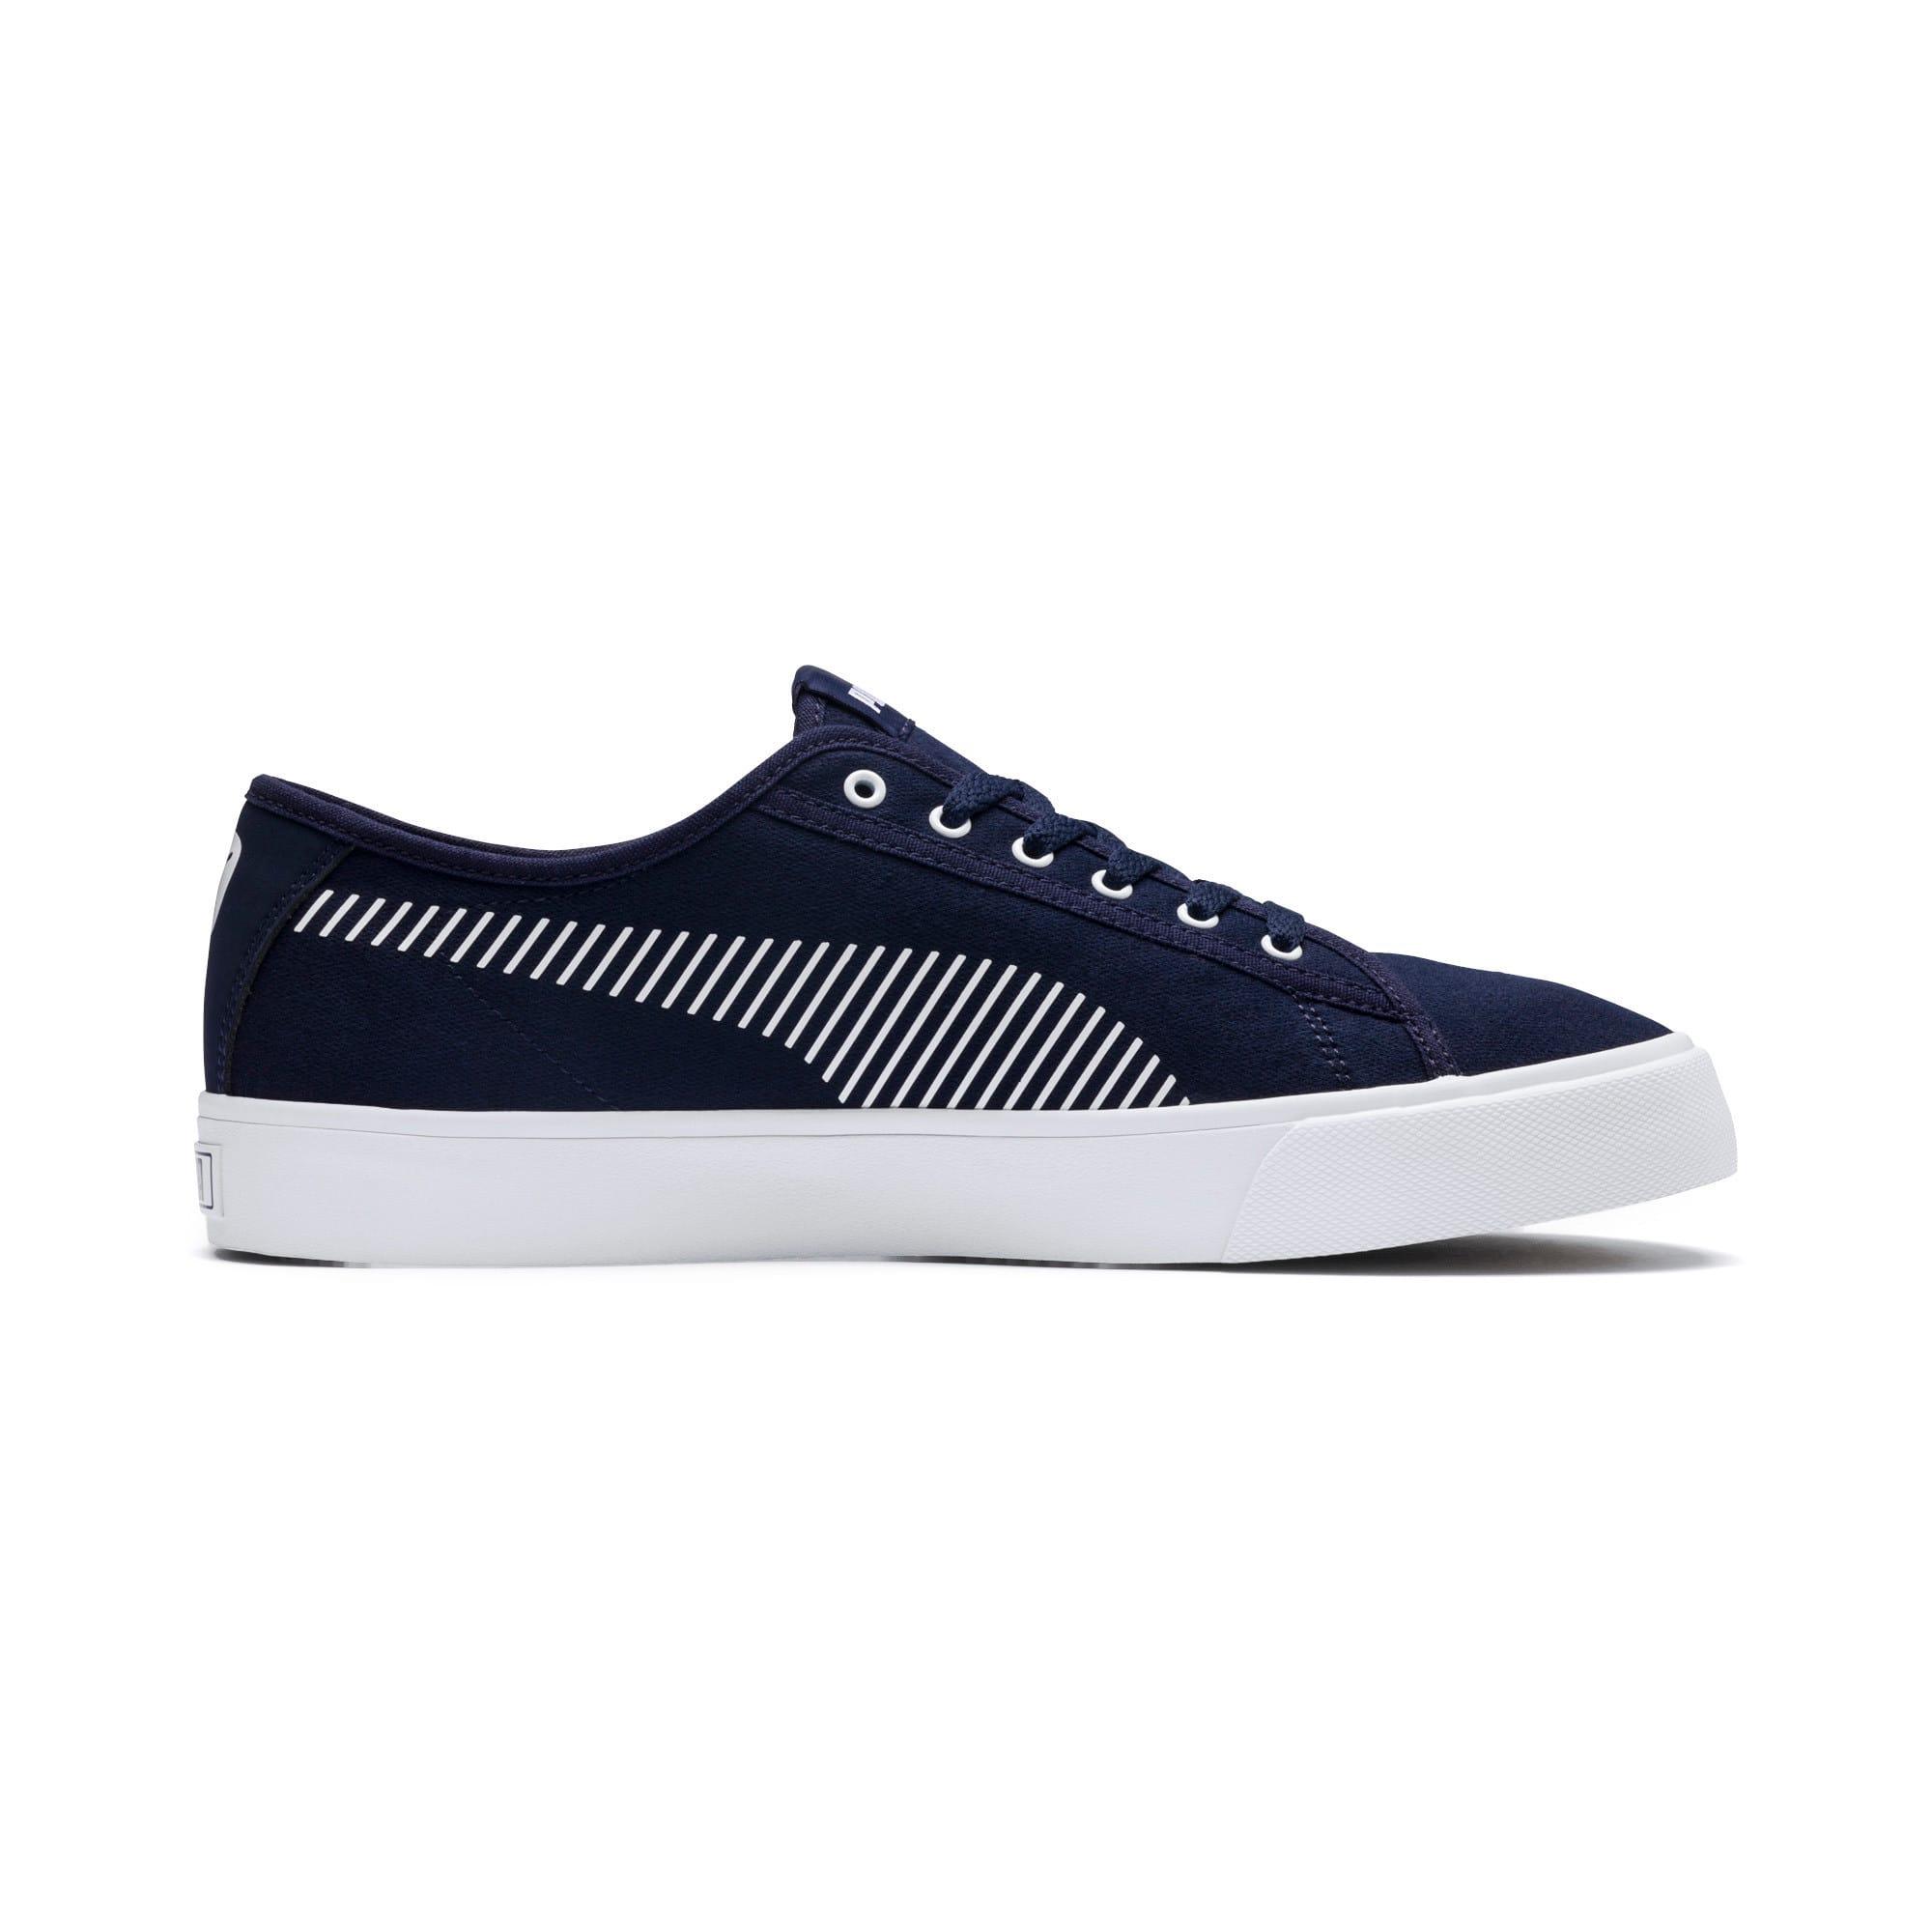 Thumbnail 5 of Bari Sneakers, Peacoat-Puma White, medium